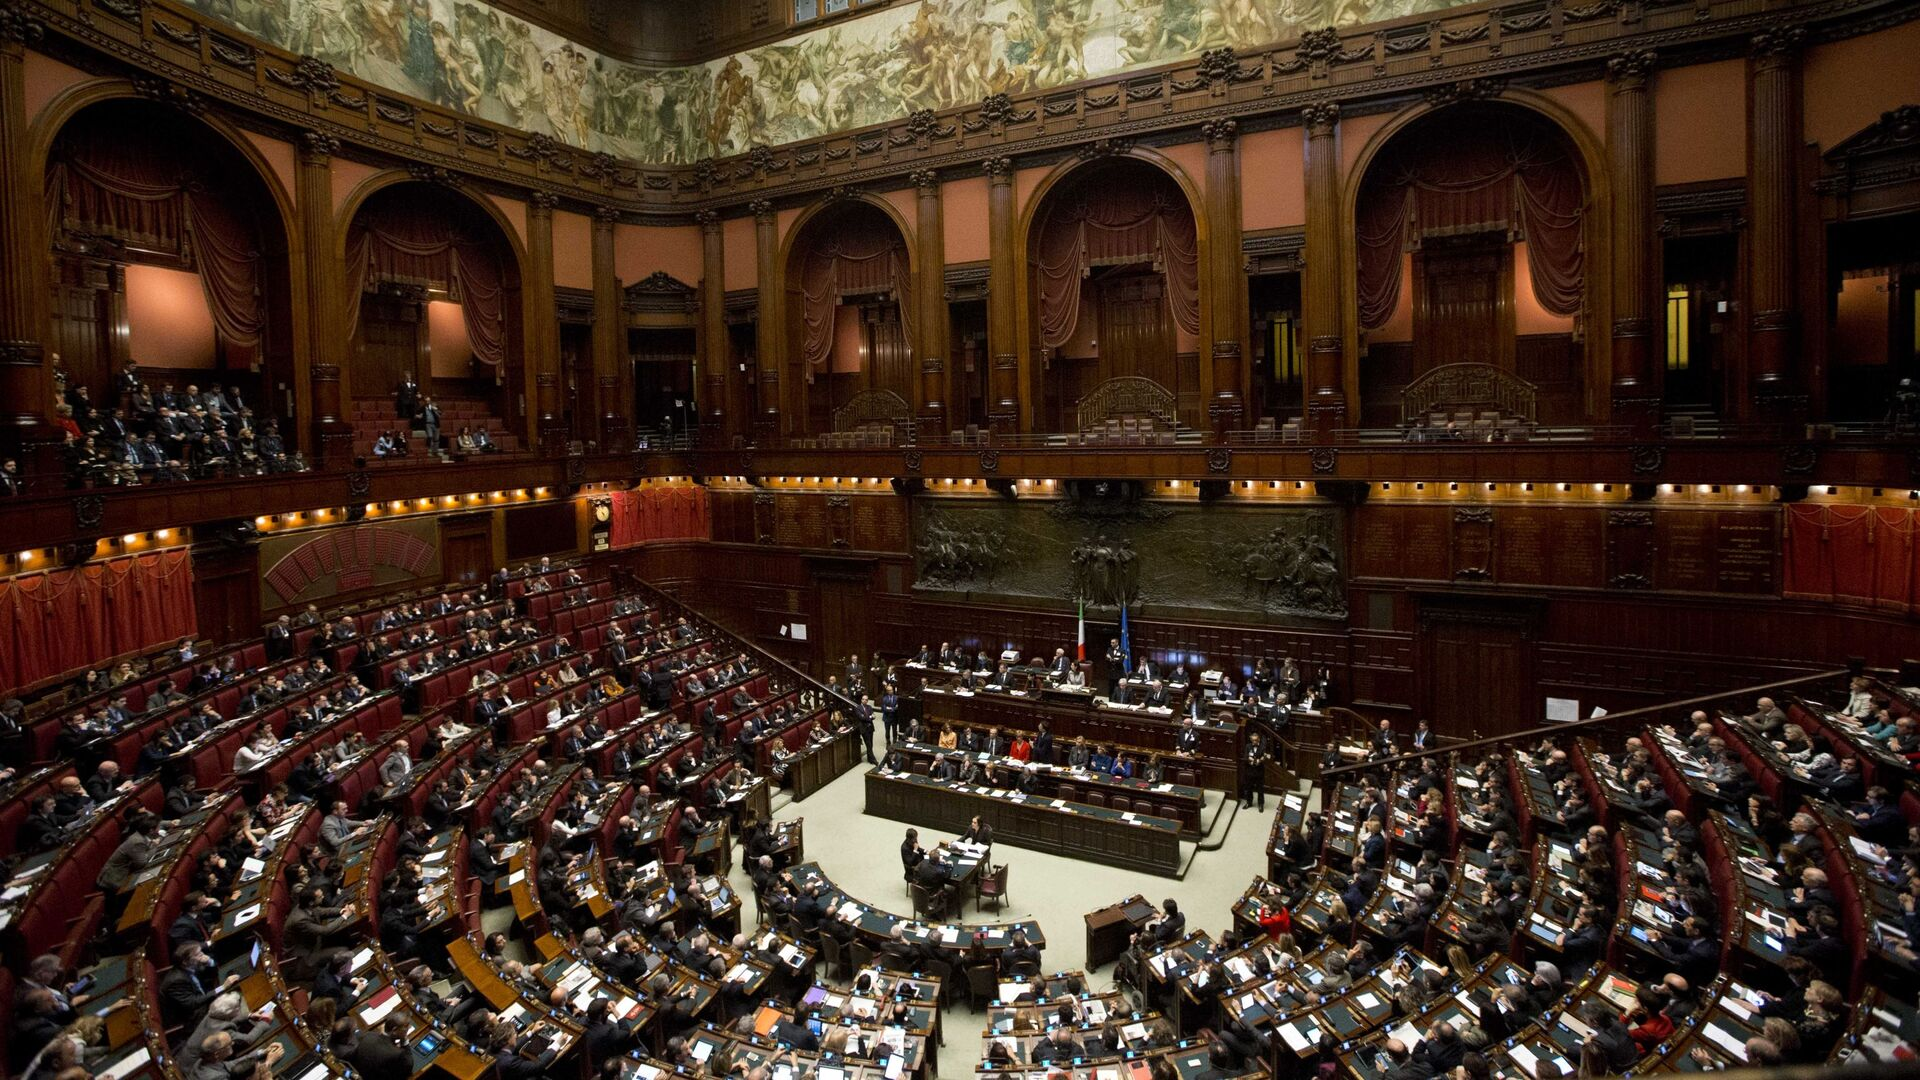 Il governo agirà per sostenere la ripresa evitando aumento del prelievo fiscale e rilanciando gli investimenti - Sputnik Italia, 1920, 14.07.2021